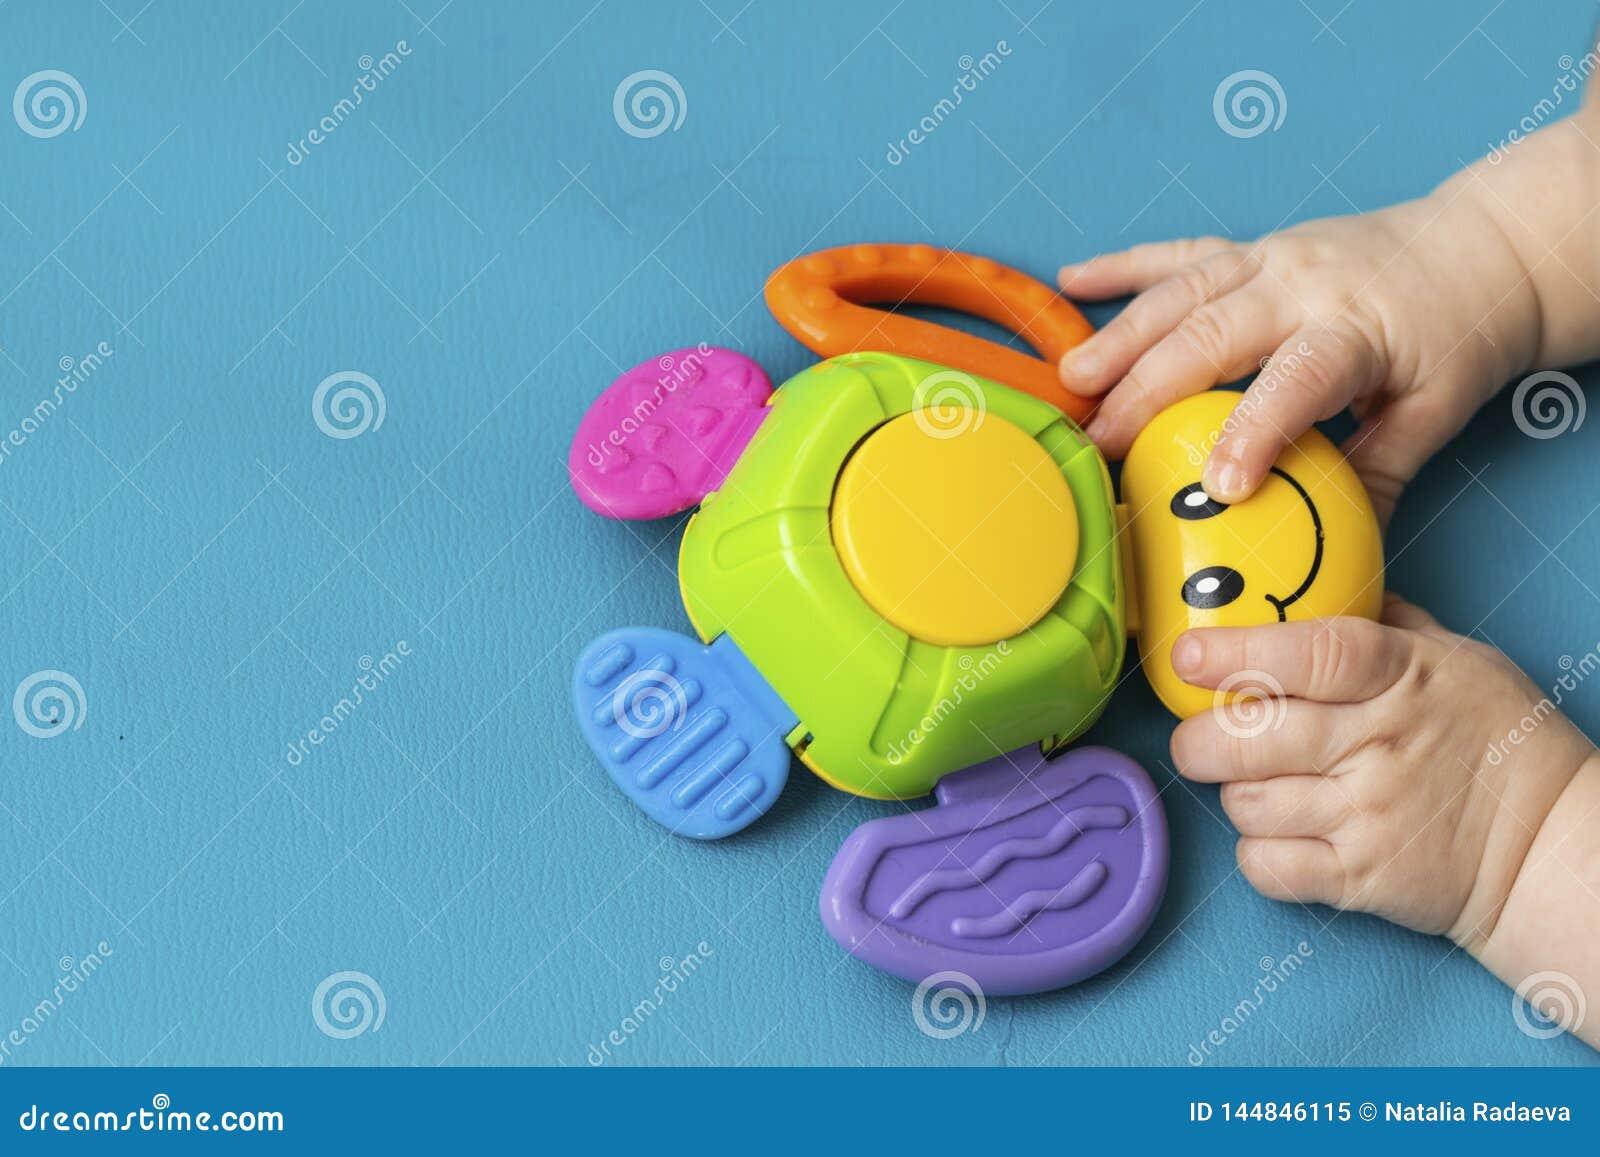 Новорожденный рук малыша маленький держать ошибку игрушки с улыбкой на голубой предпосылке aquila : Экземпляр Spase